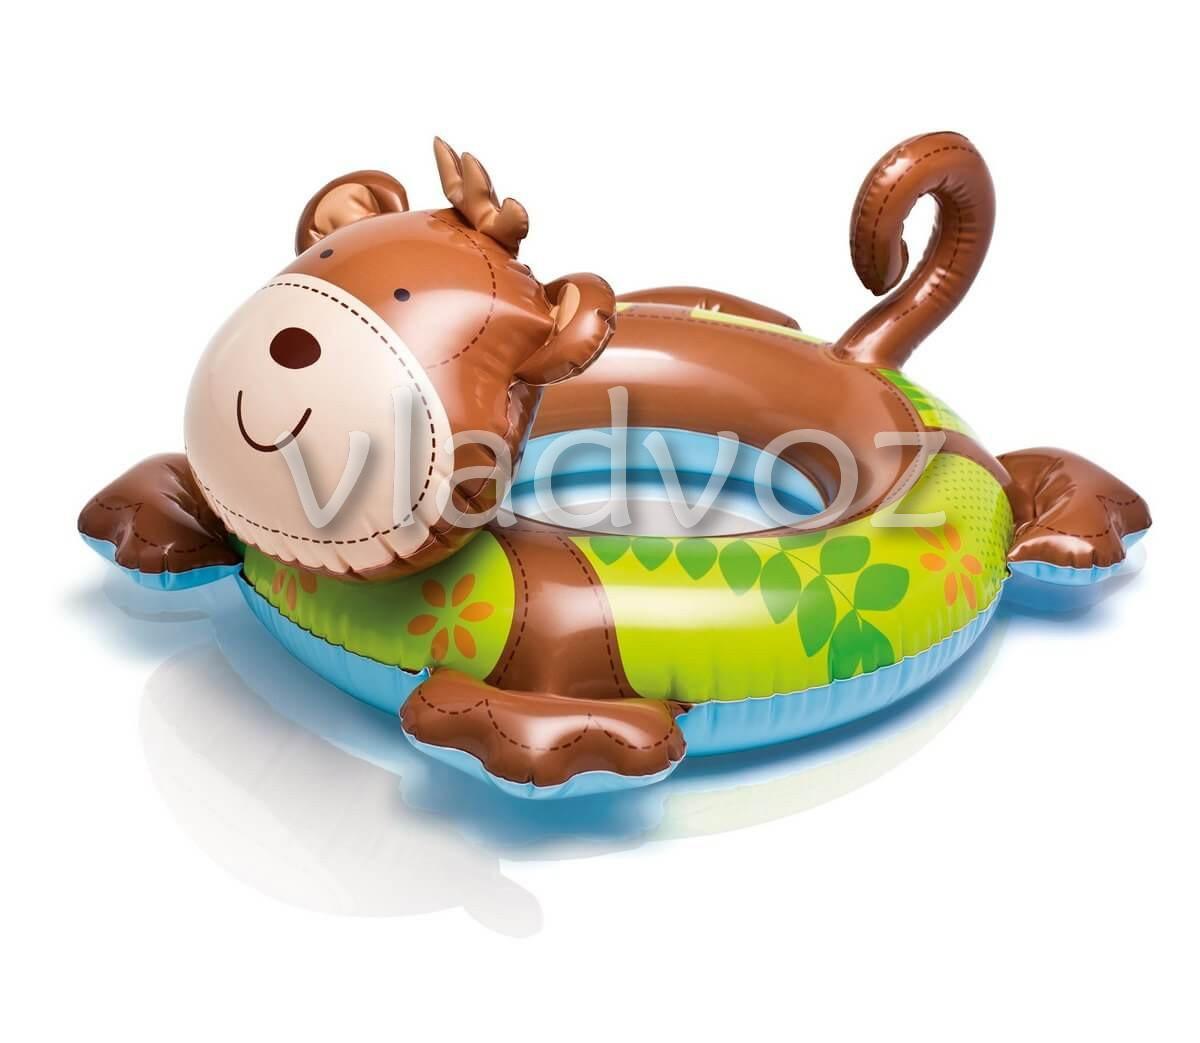 Детский надувной плавательный круг для плавания игрушка обезьяна Intex 58221 - интернет-магазин vladvozsklad мтс 0666993749, киевстар 0681044912, лайф 0932504050 в Николаевской области